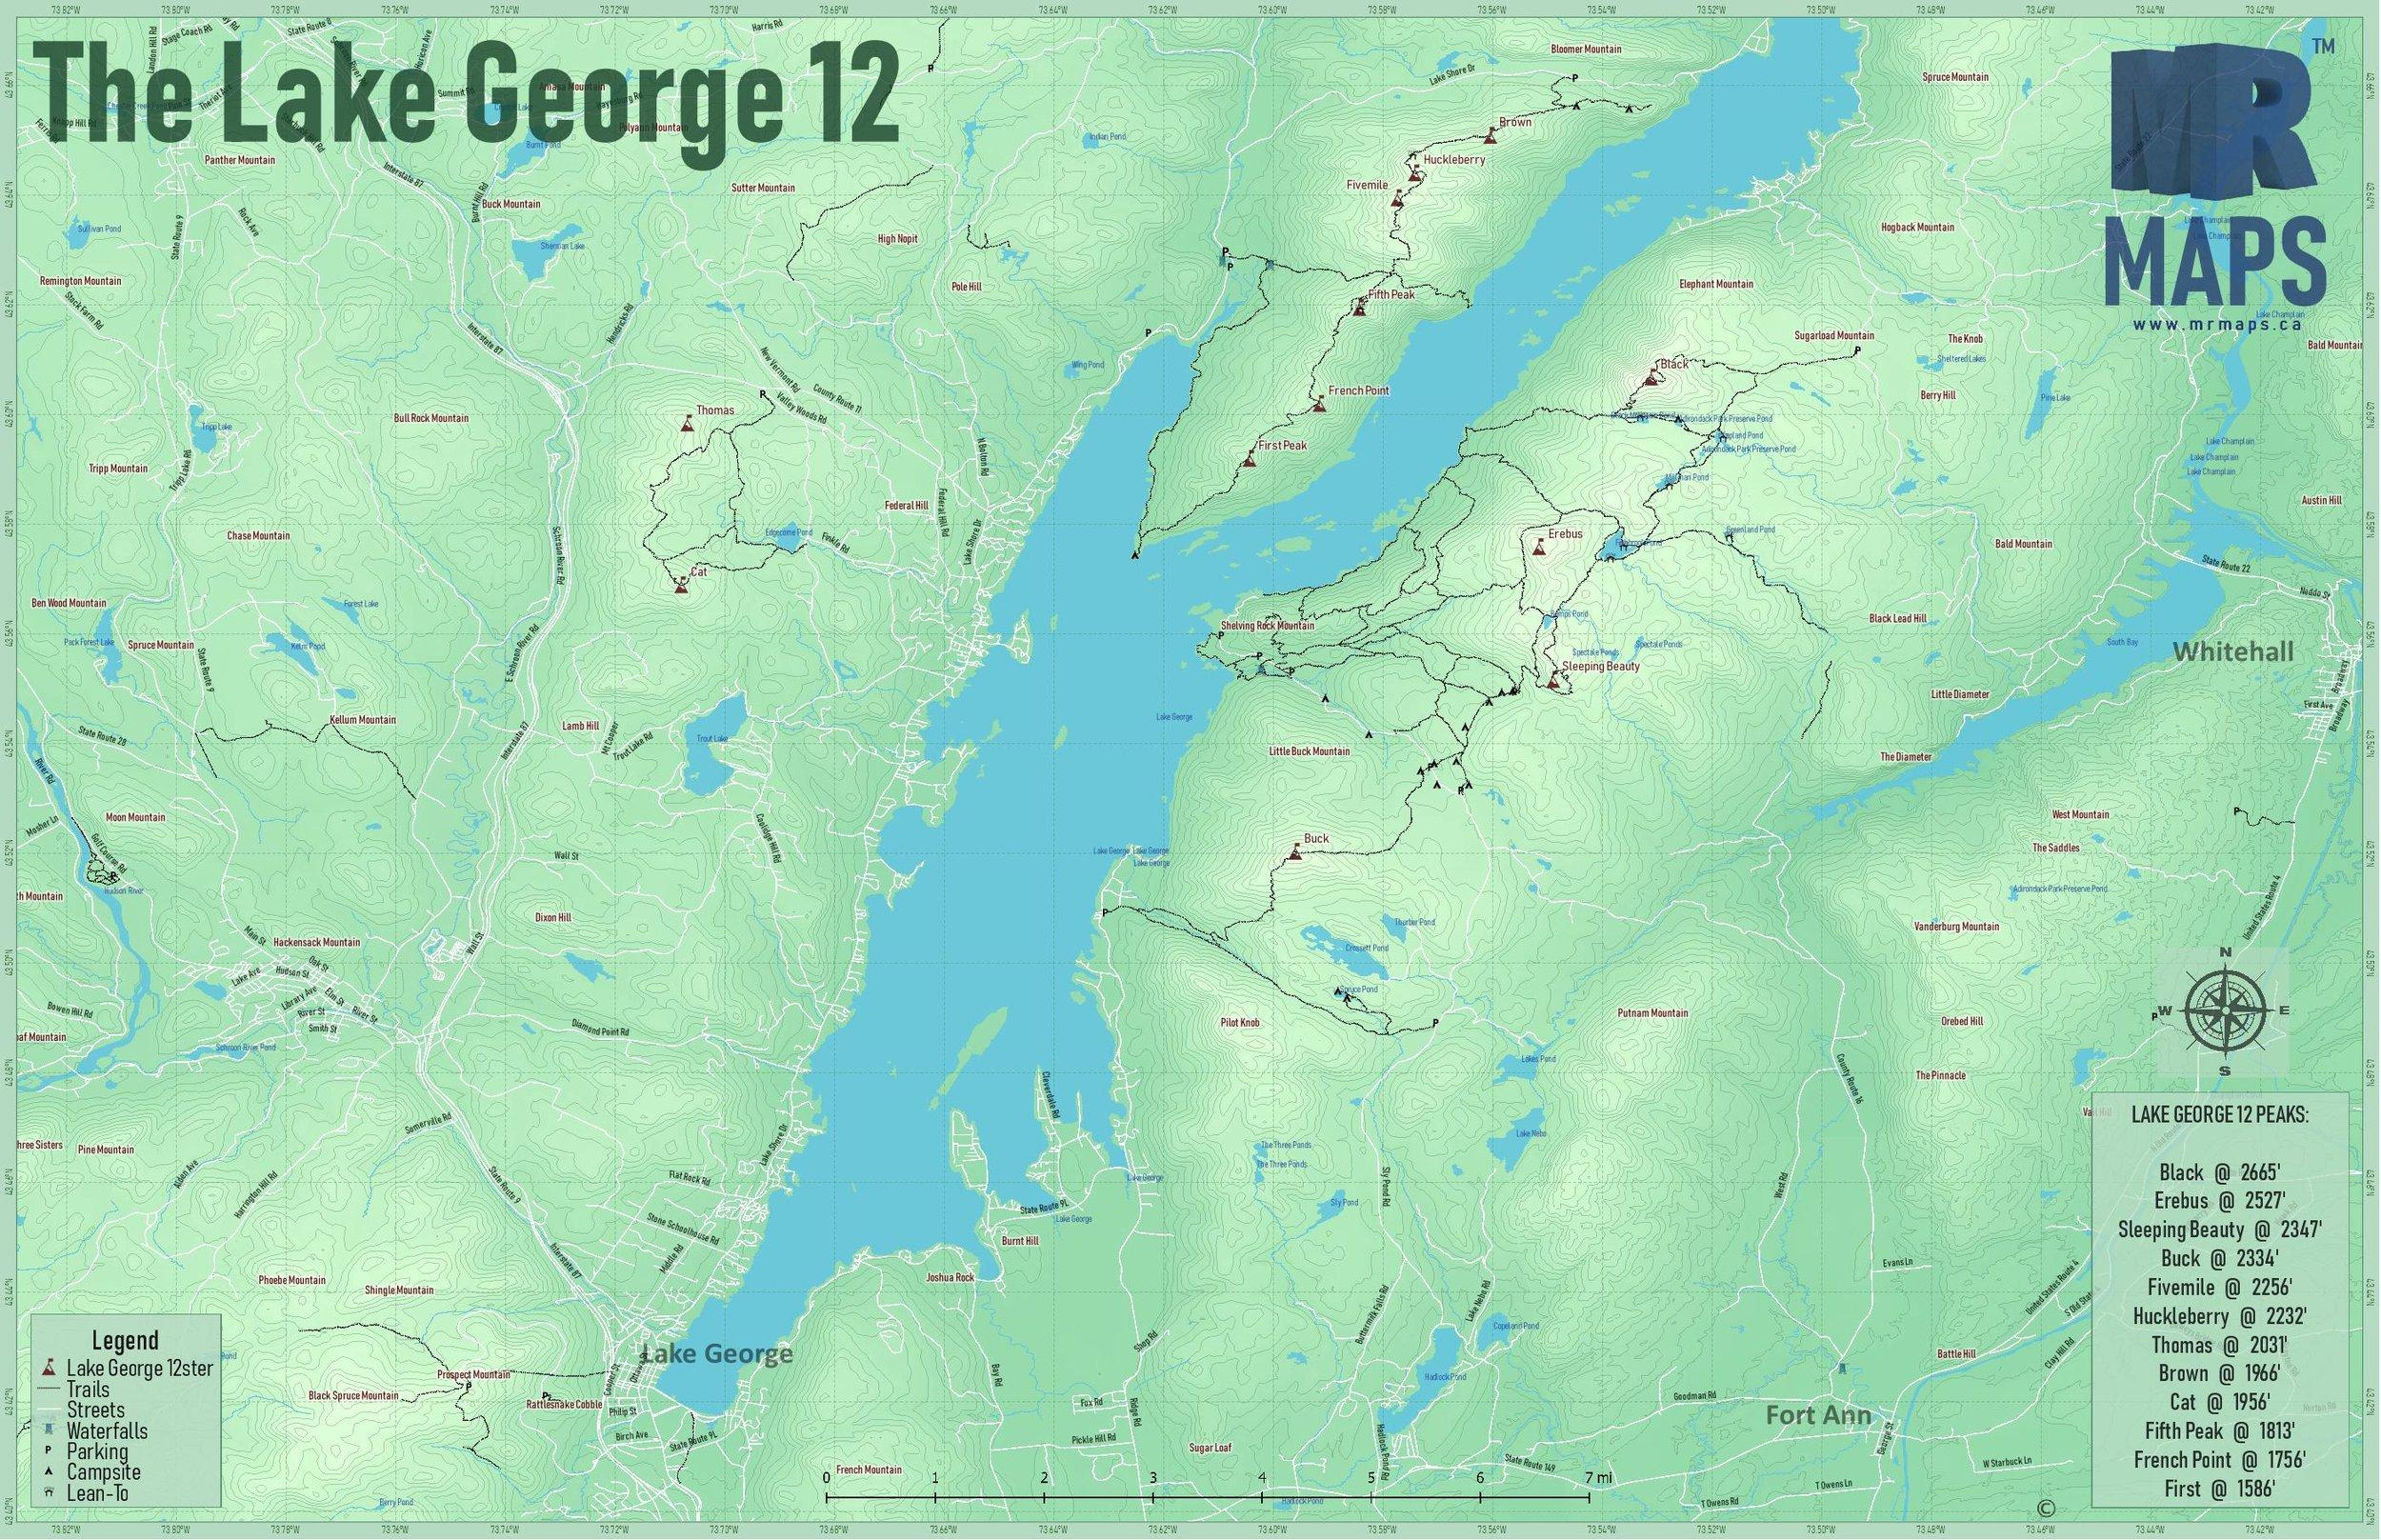 LakeGeorge_12_TrailMap_Online100.jpg